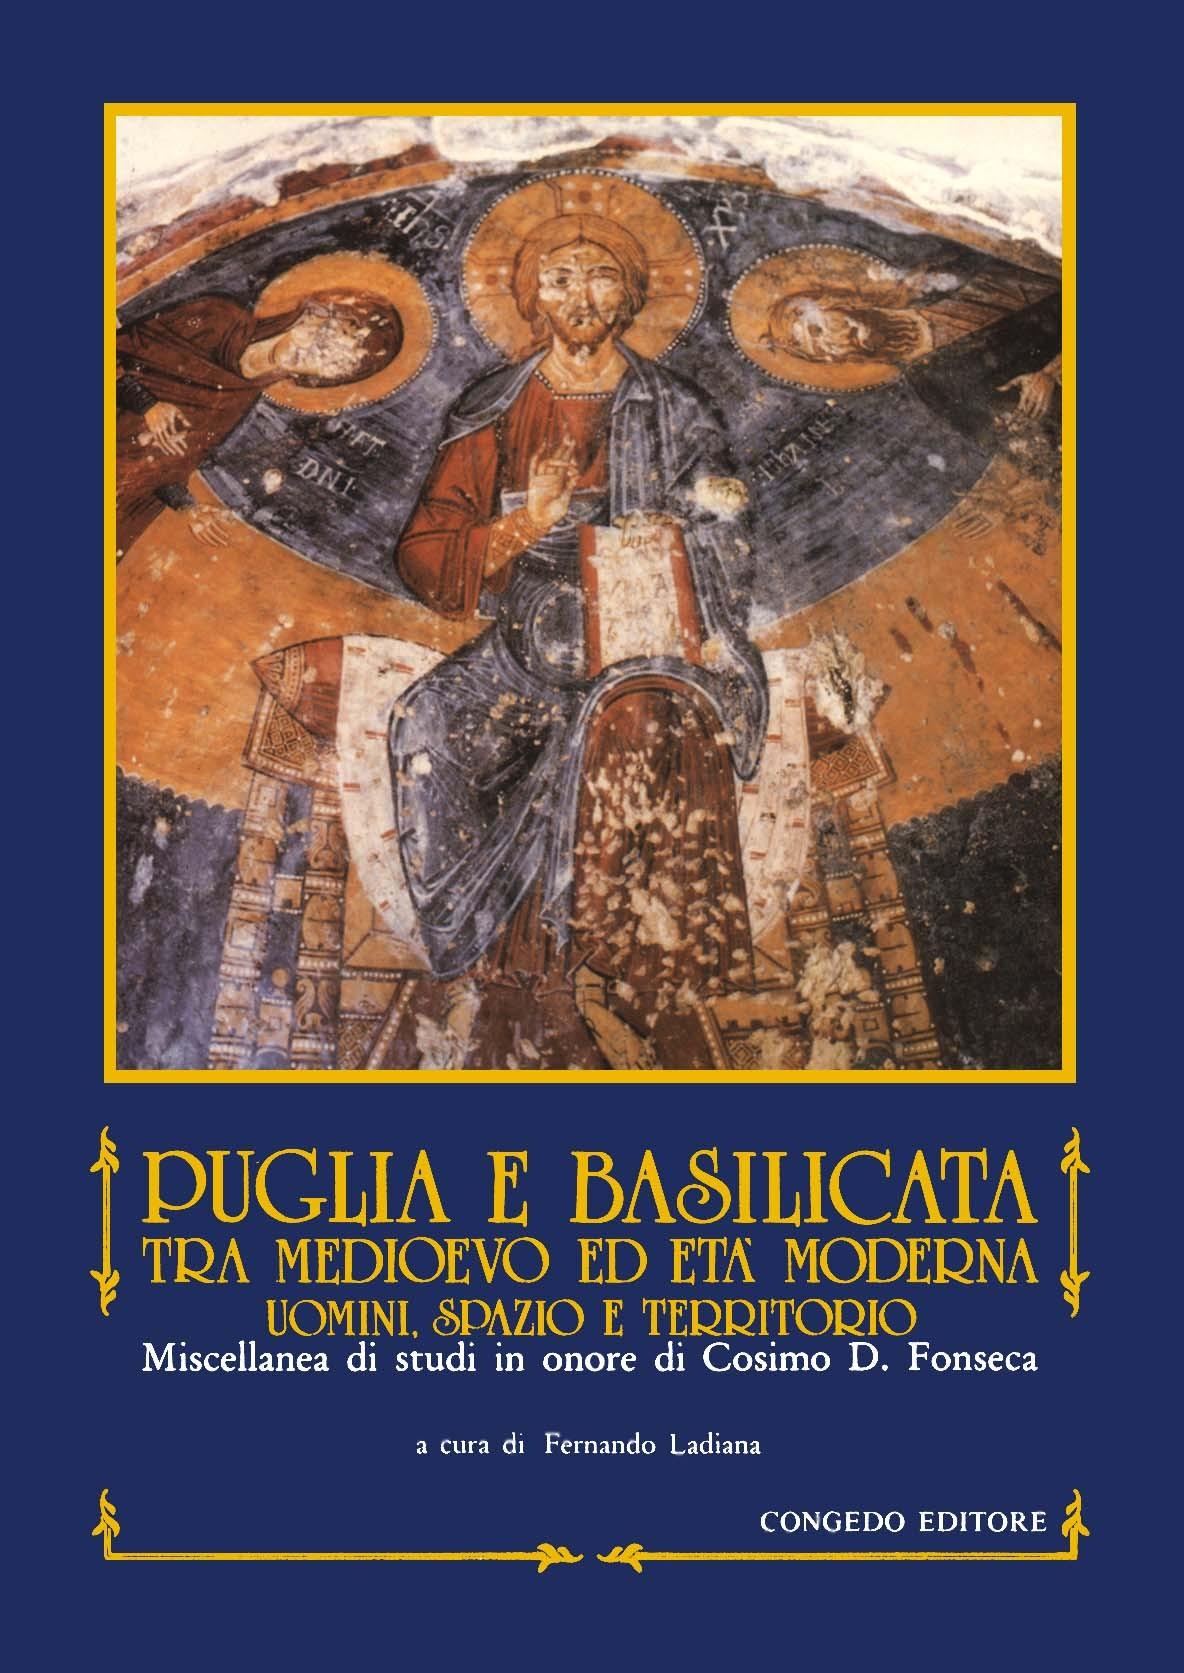 Puglia e Basilicata tra Medioevo ed età moderna.Uomini spazio territorio.